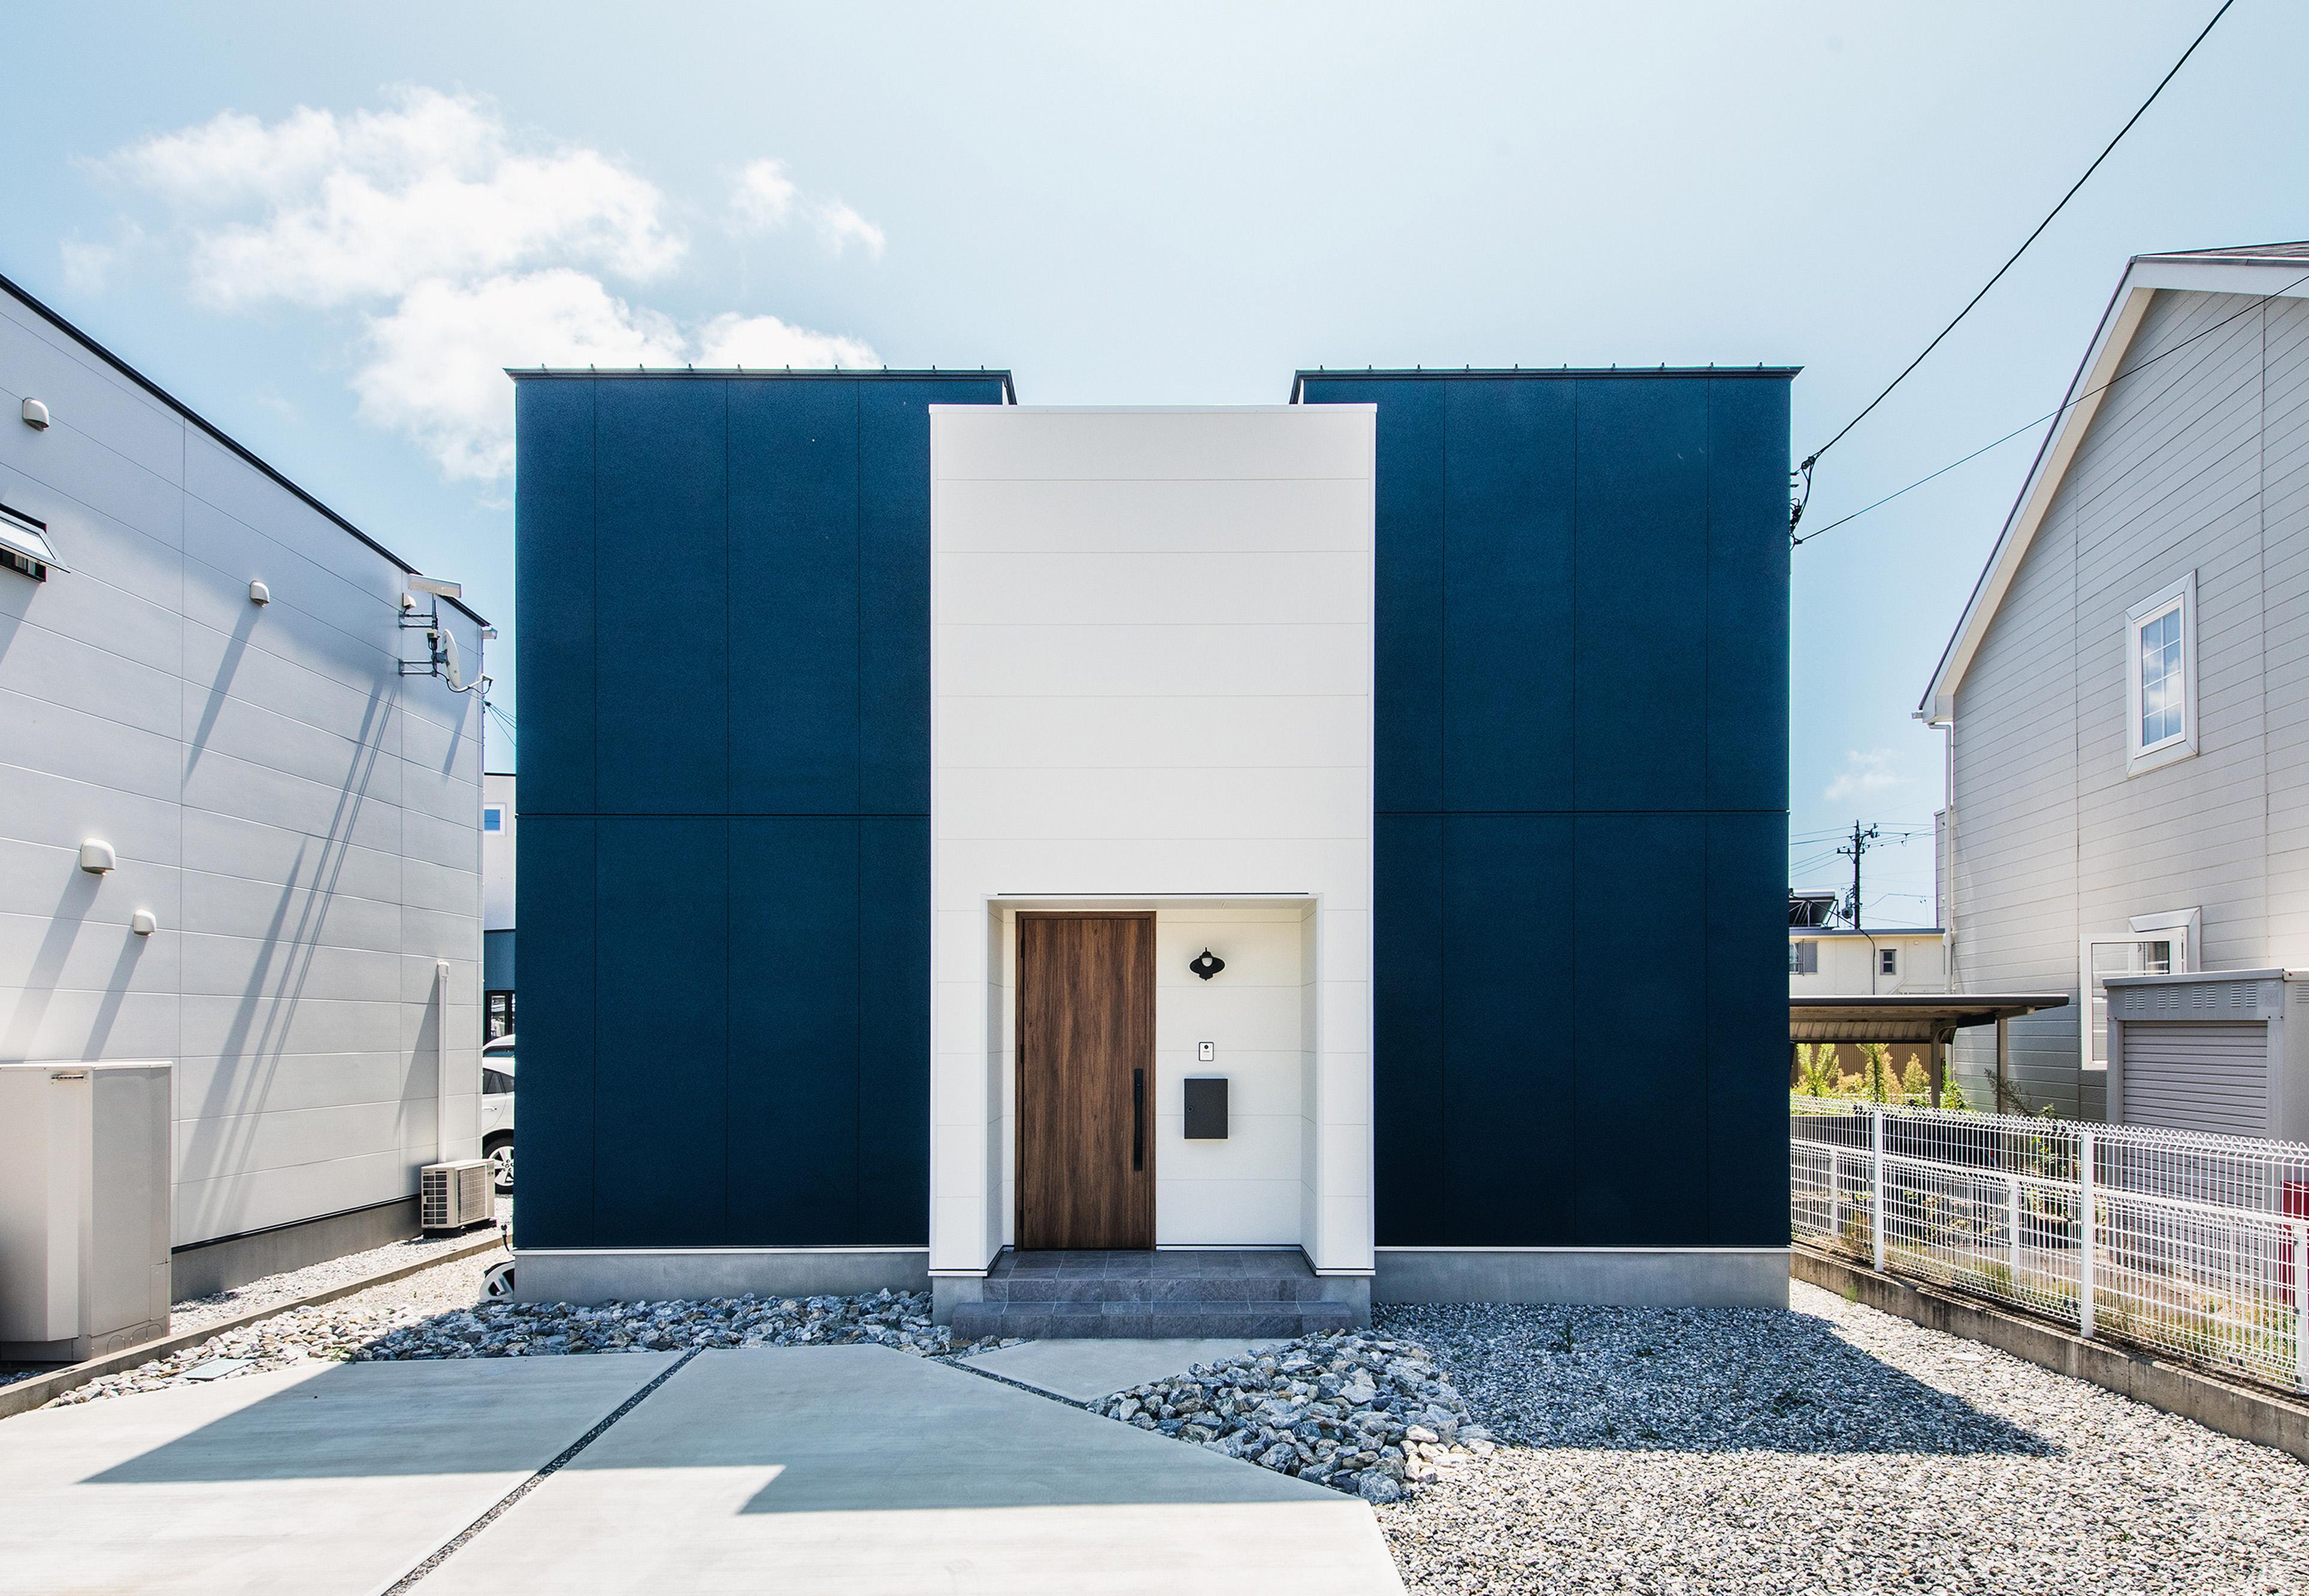 R+house 浜松中央(西遠建設)【趣味、建築家、1000万円台】白×ネイビーのコンビネーションが爽やかなキューブ型の2階建て。白い外壁の奥にバルコニーがあり、道路側の視線を遮ってプライベートなアウトドア空間を確保